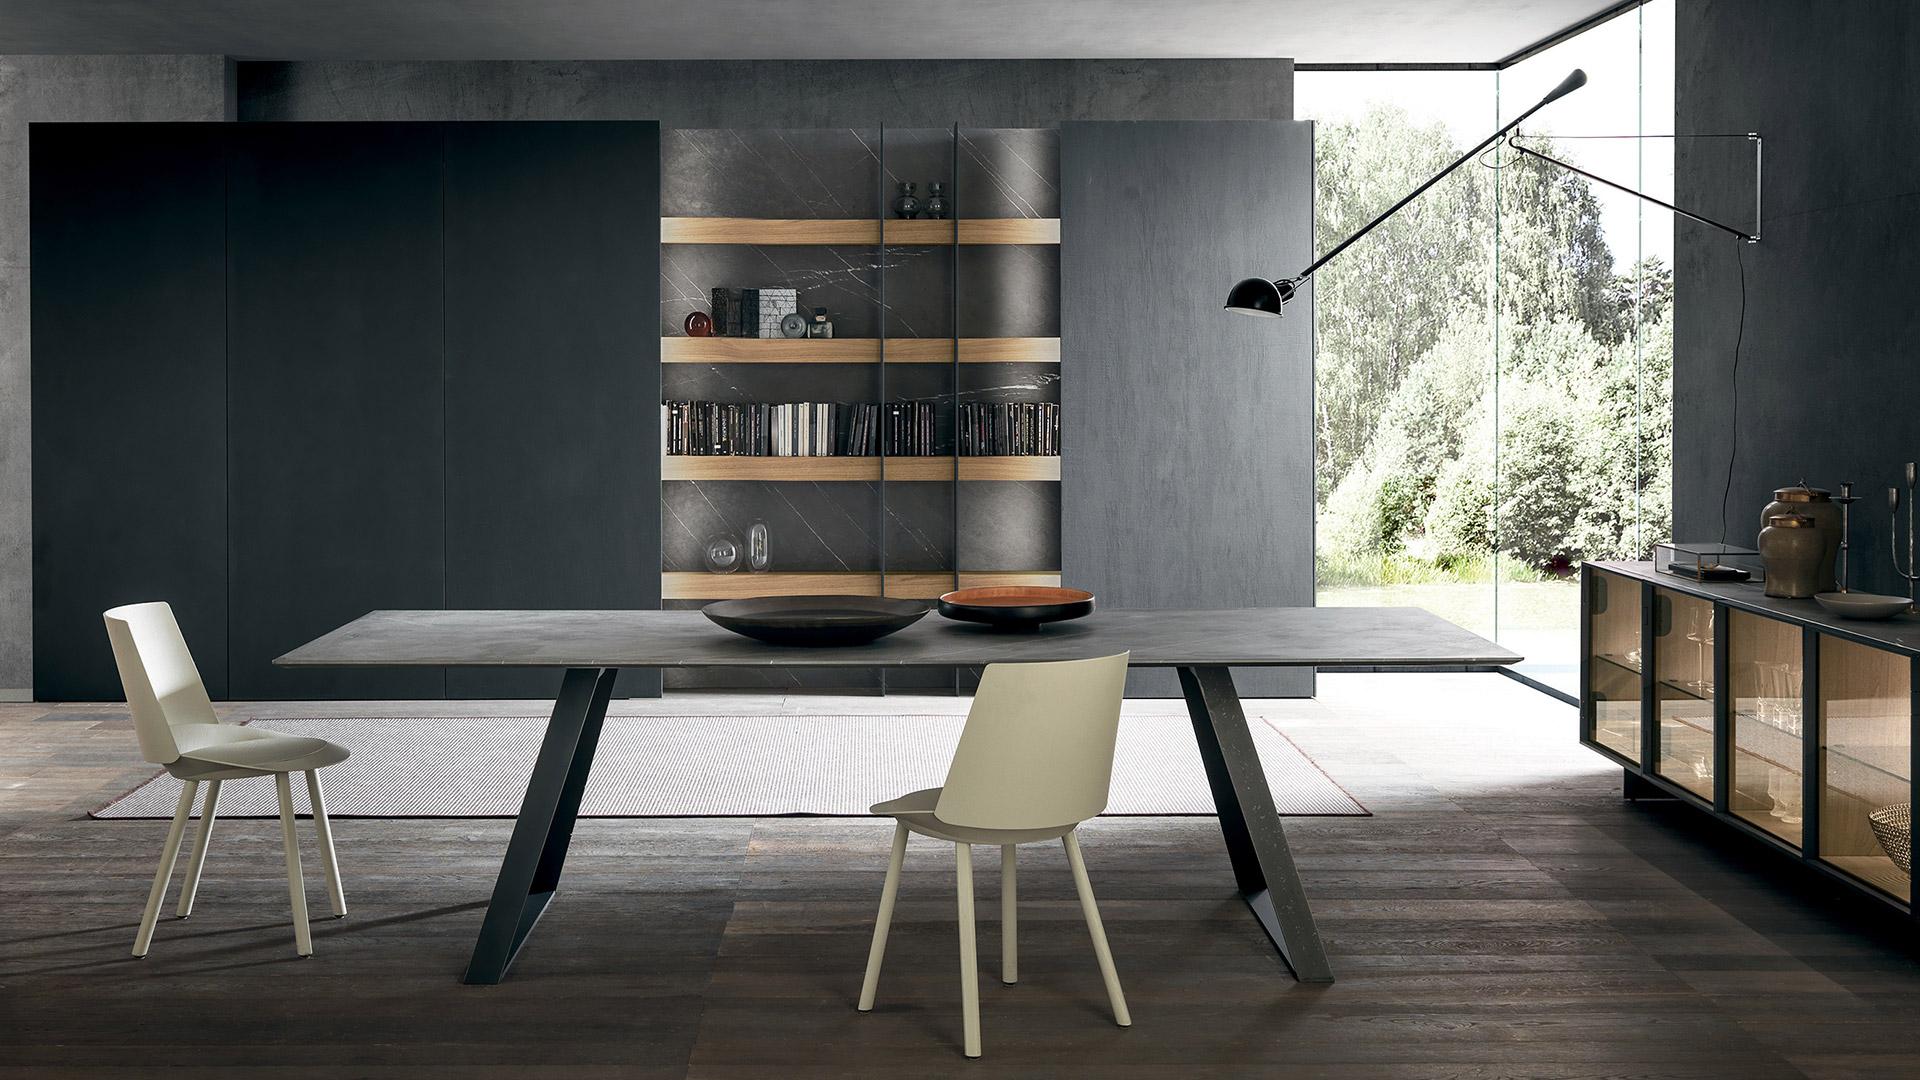 Riviste di design e settore cucine bagni e living modulnova for Riviste arredamento cucine